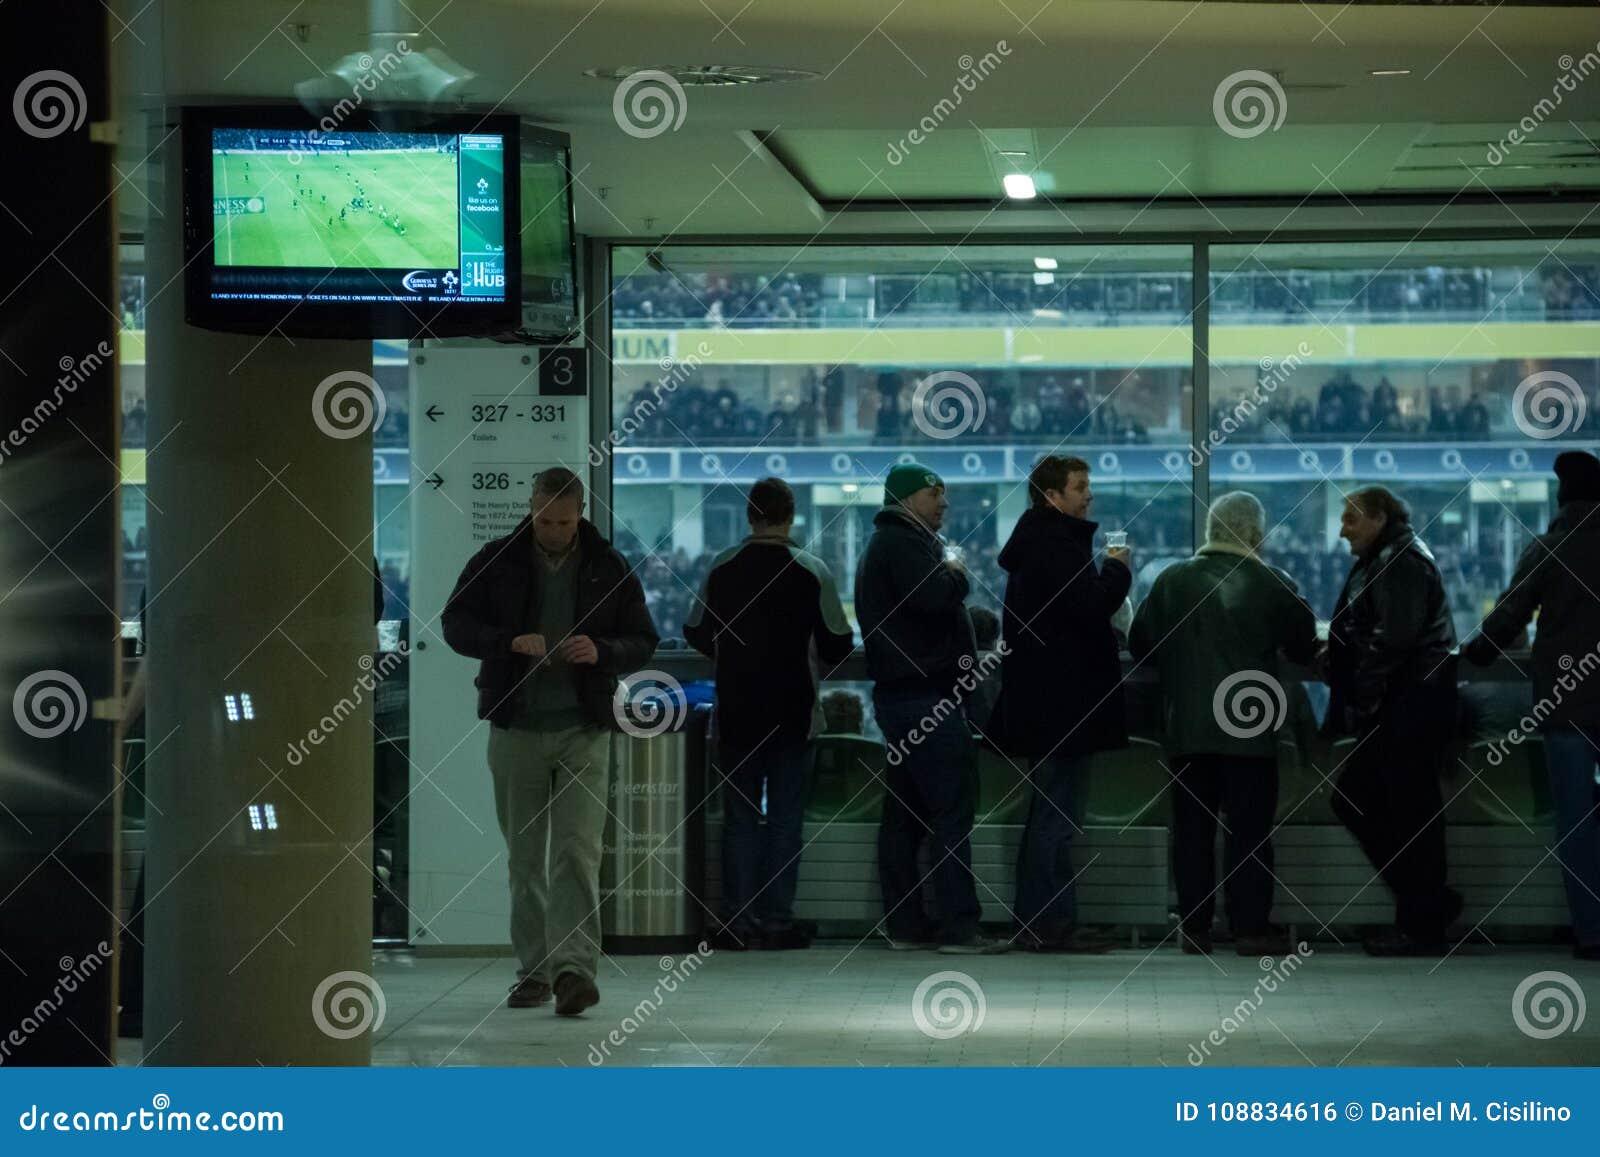 Aviva Stadium. Dublin. Ireland